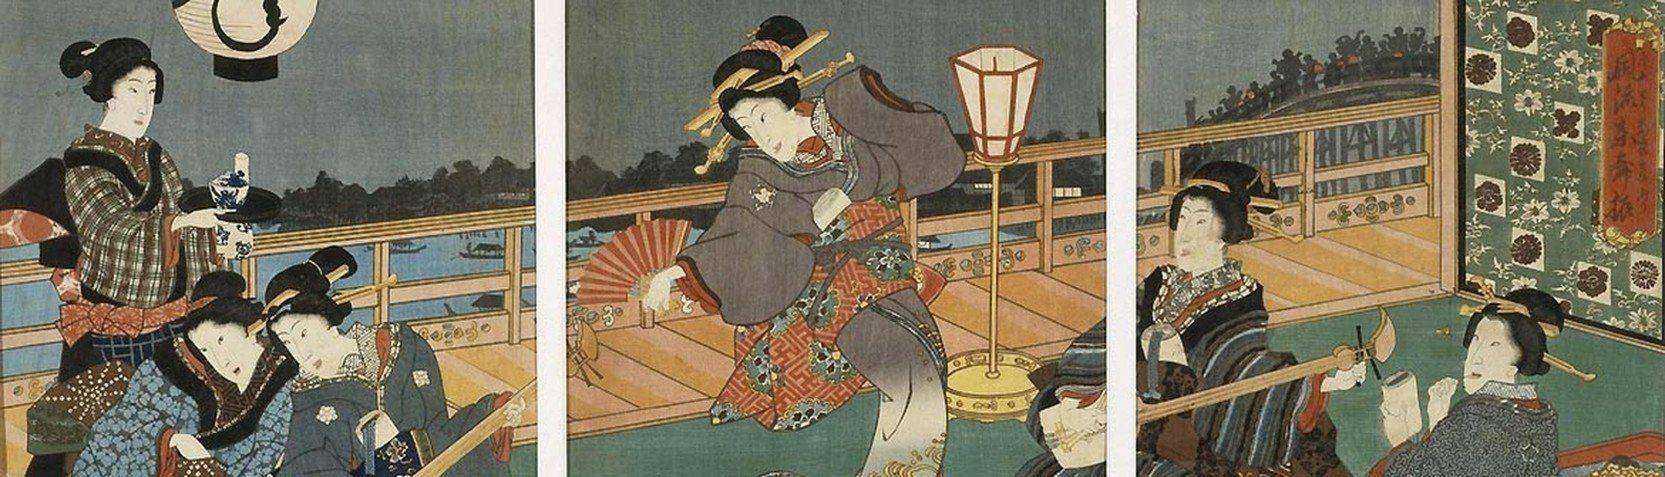 Artisti - Utagawa Kunisada